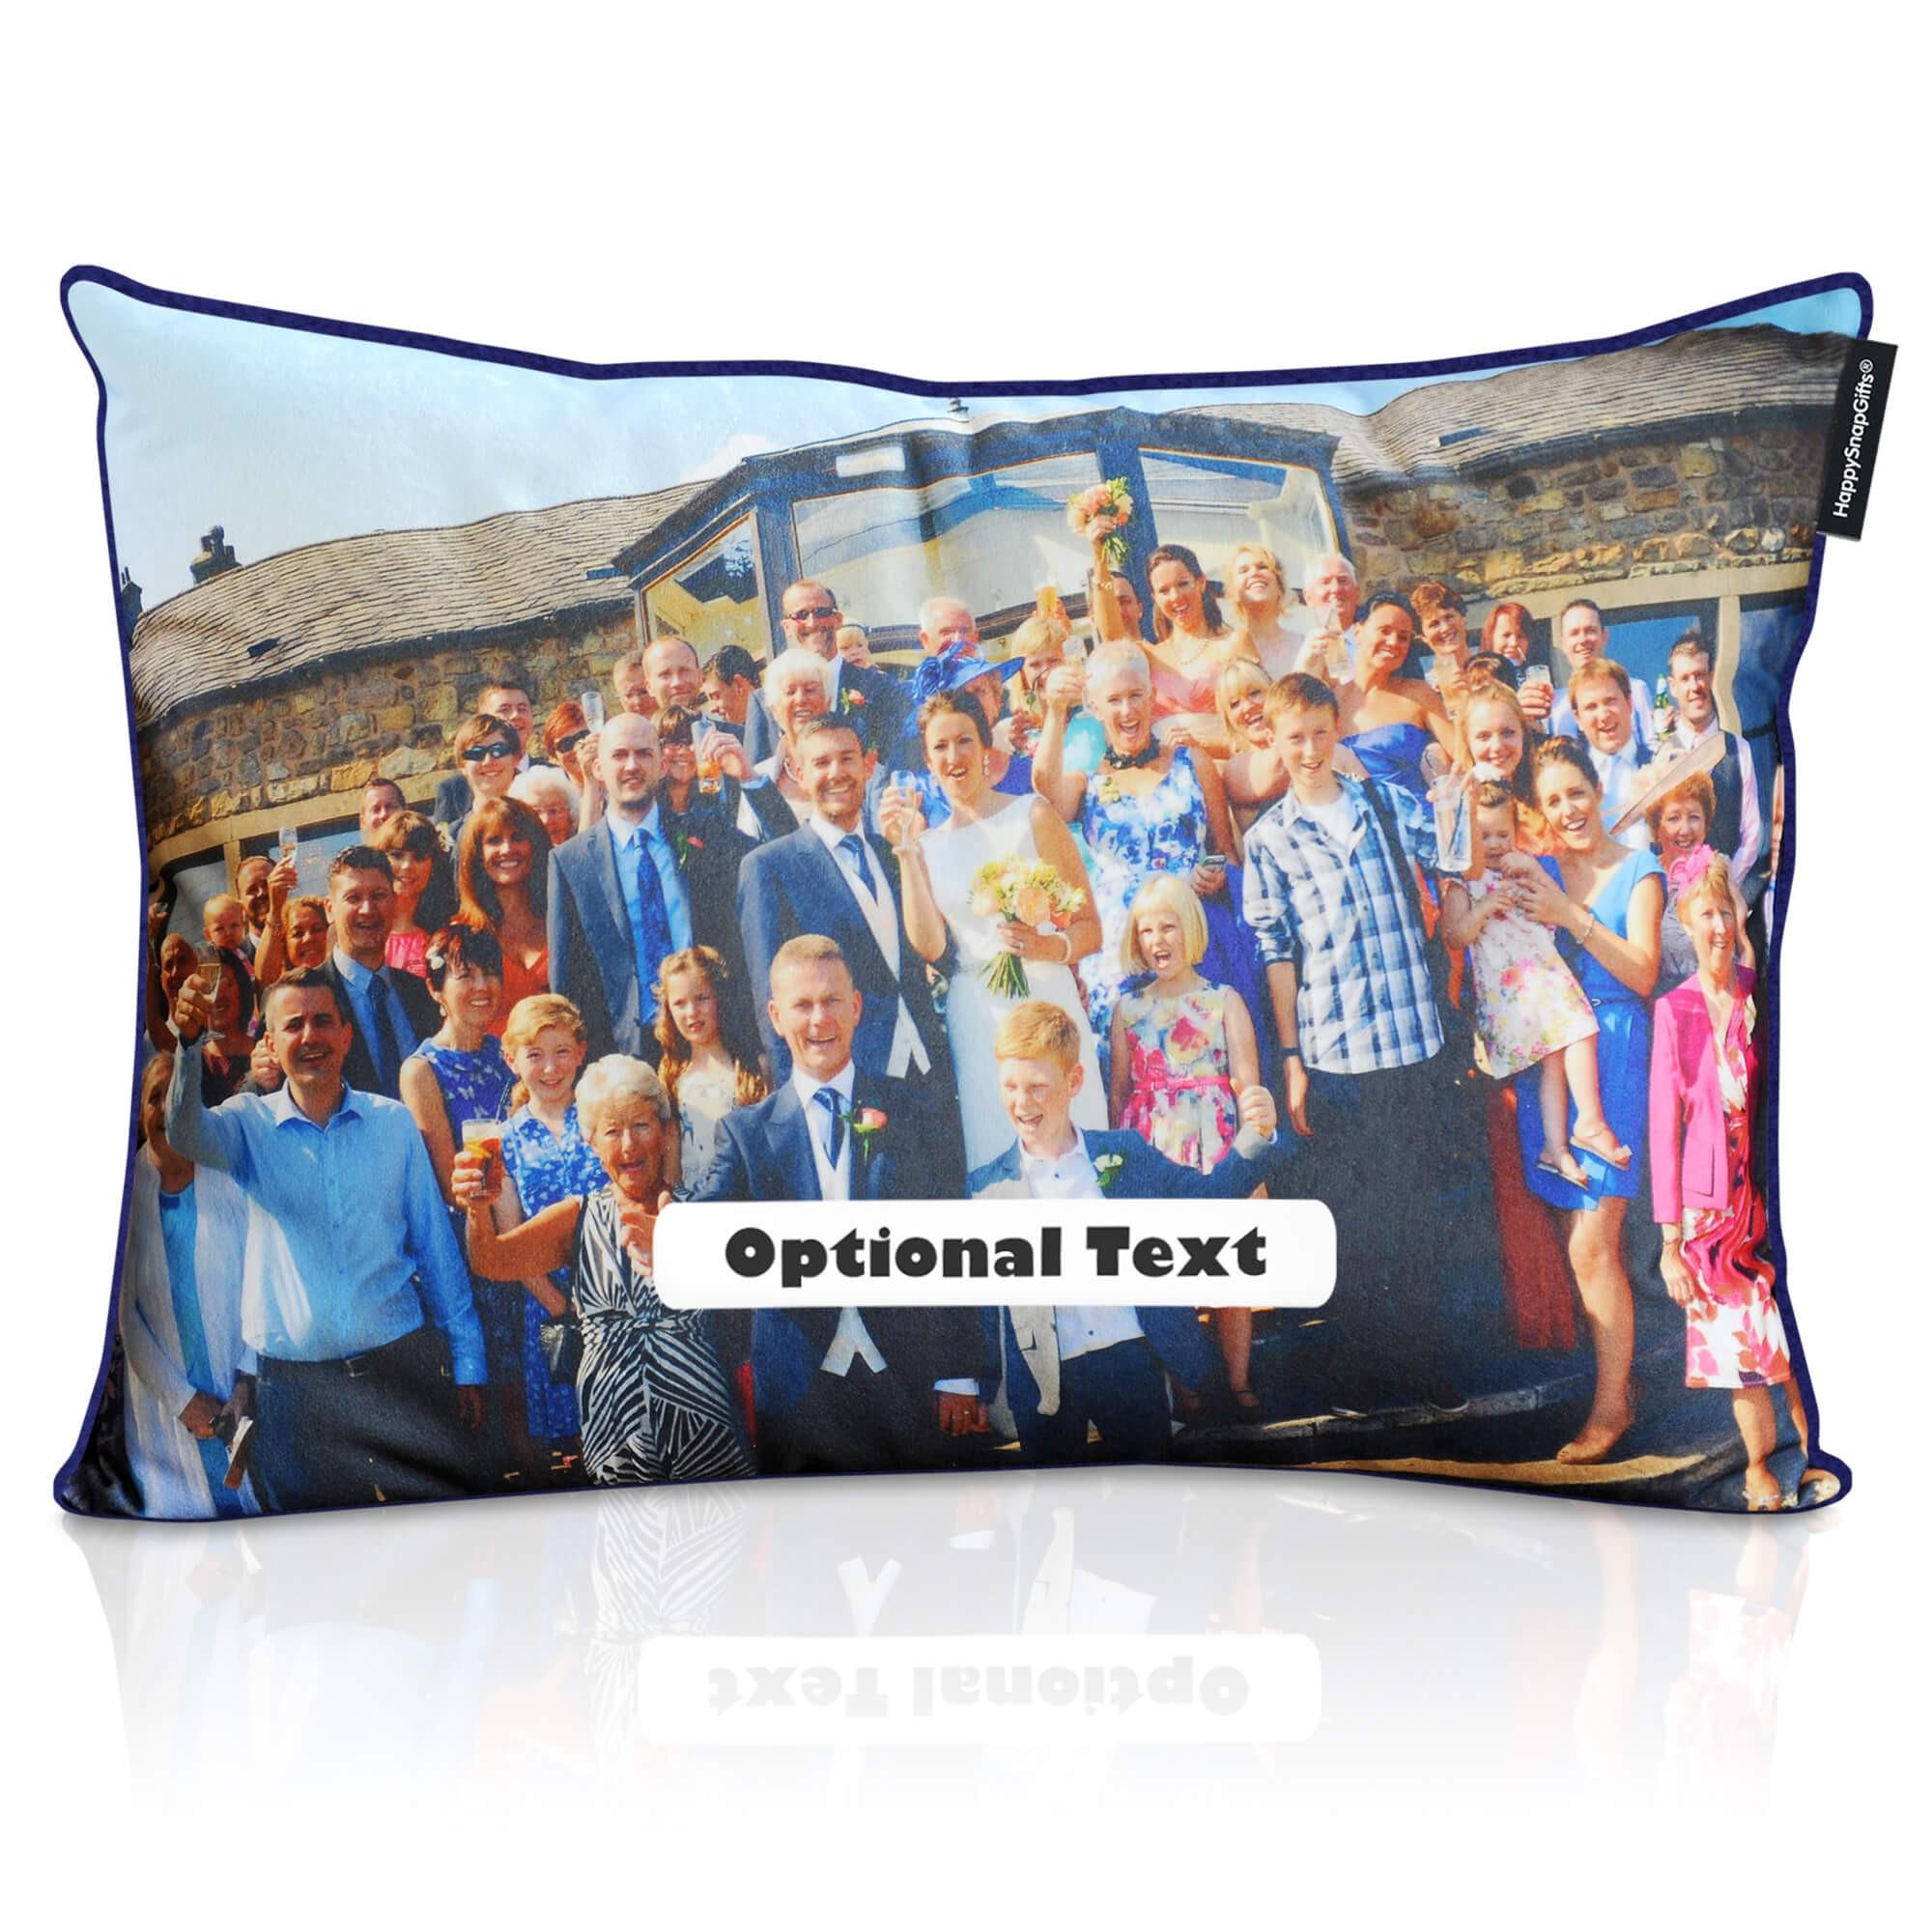 personalised photo cushion rectangle shapes